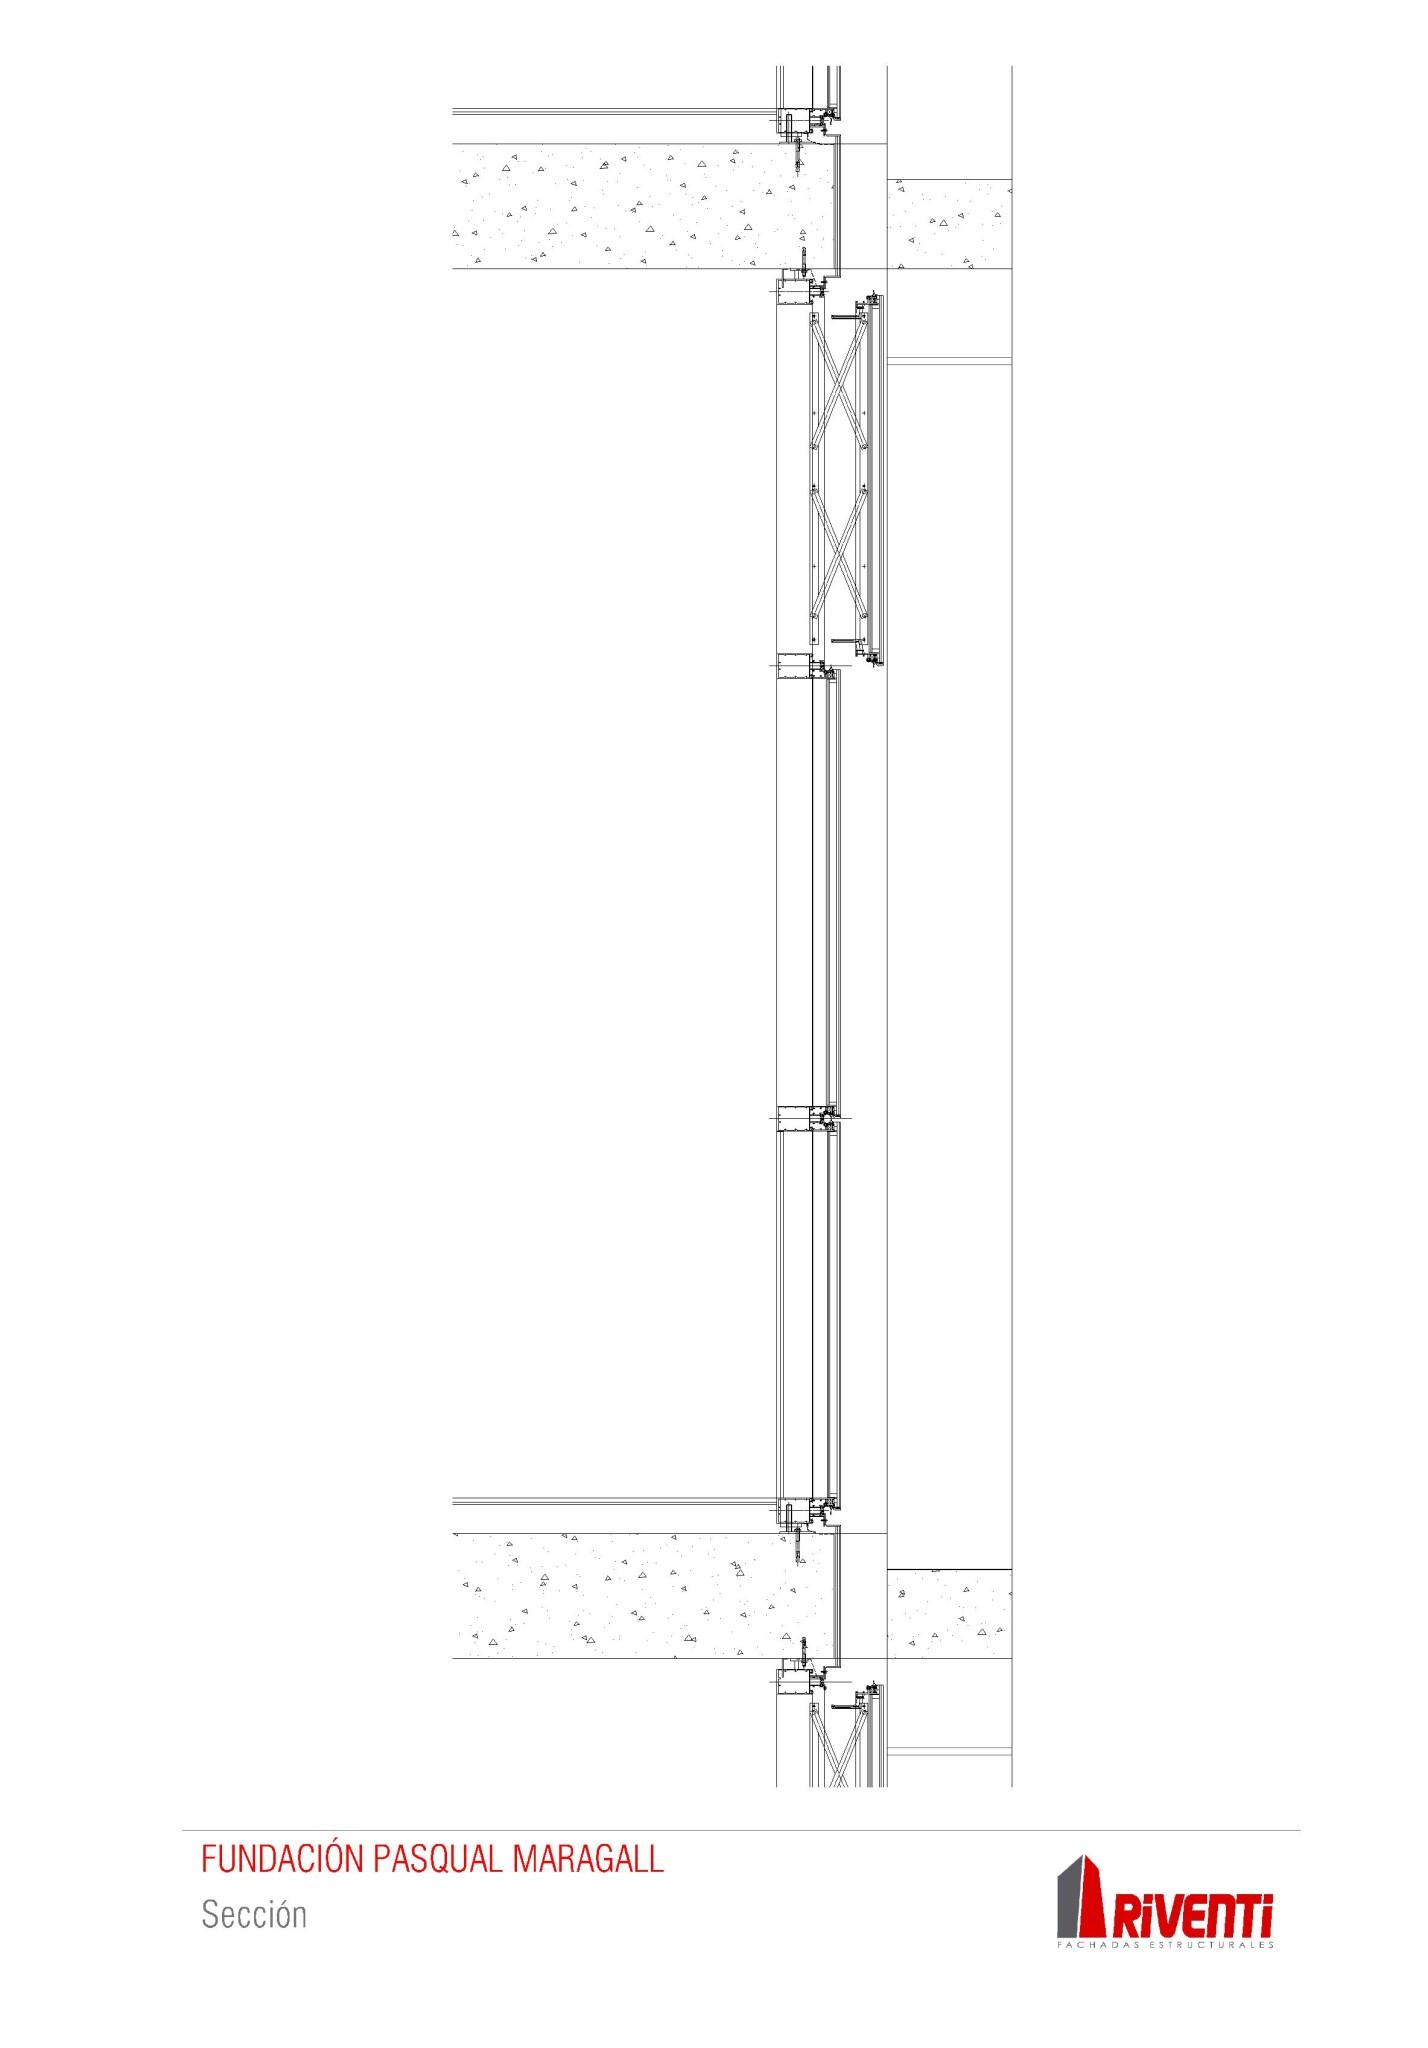 Fachada-fundacion-pasqual-maragall-muro-cortina-riventi_detalle constructivo